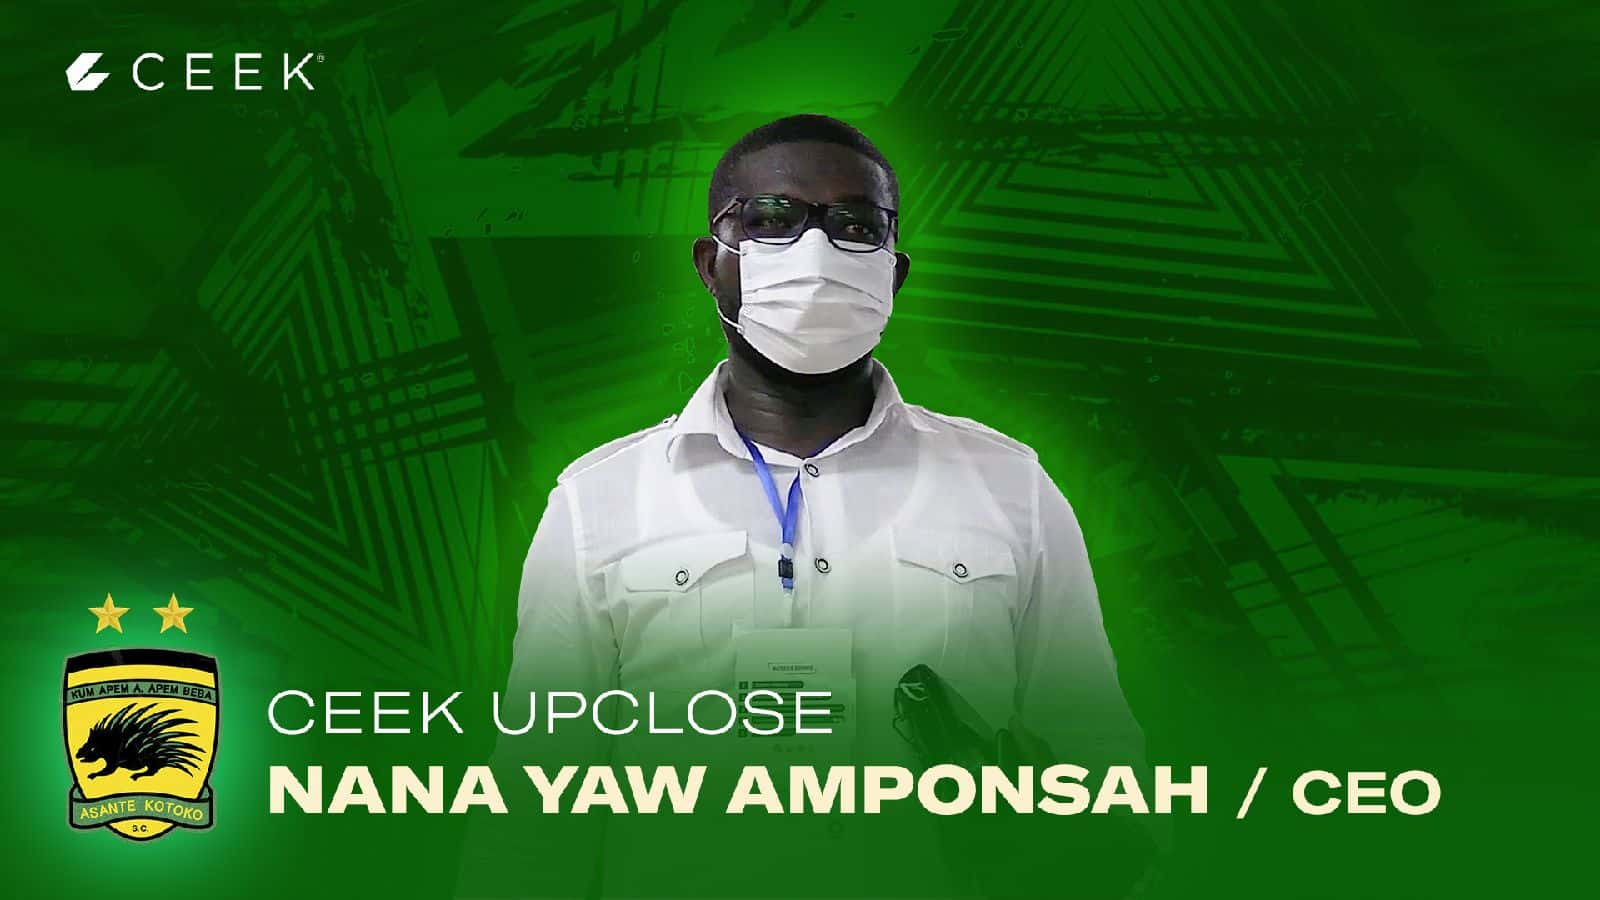 Nana Yaw Amponsah ceek.com